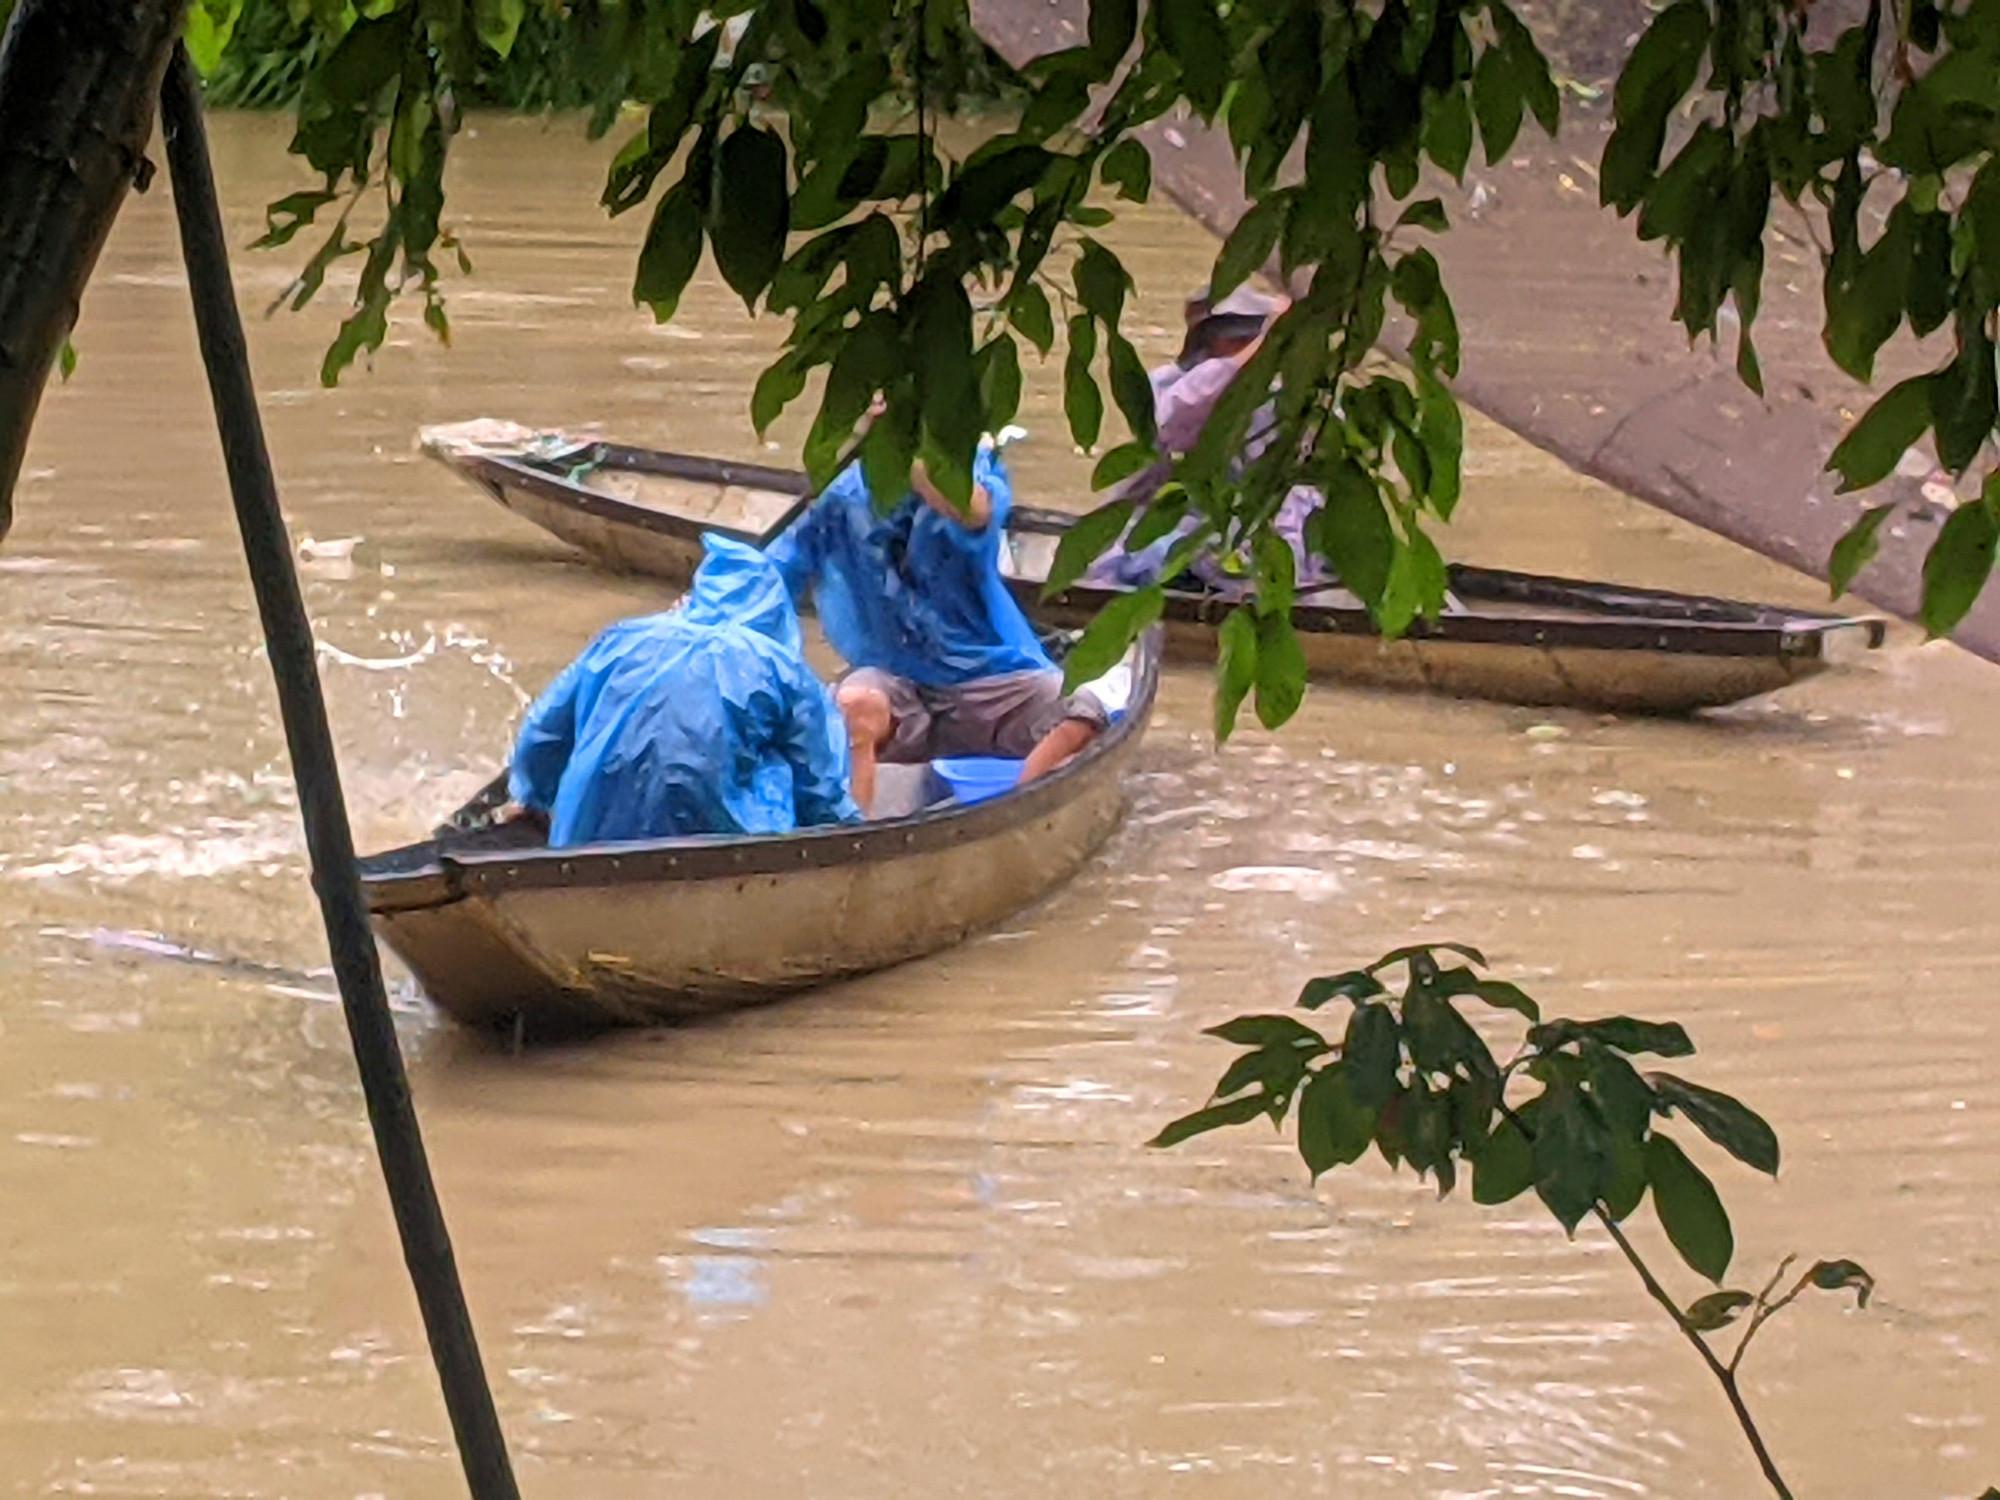 Nhiều khu vực vùng trũng ở xã Phong Bình huyện Phong Điền người dân đã dùng ghe đò để đi lại